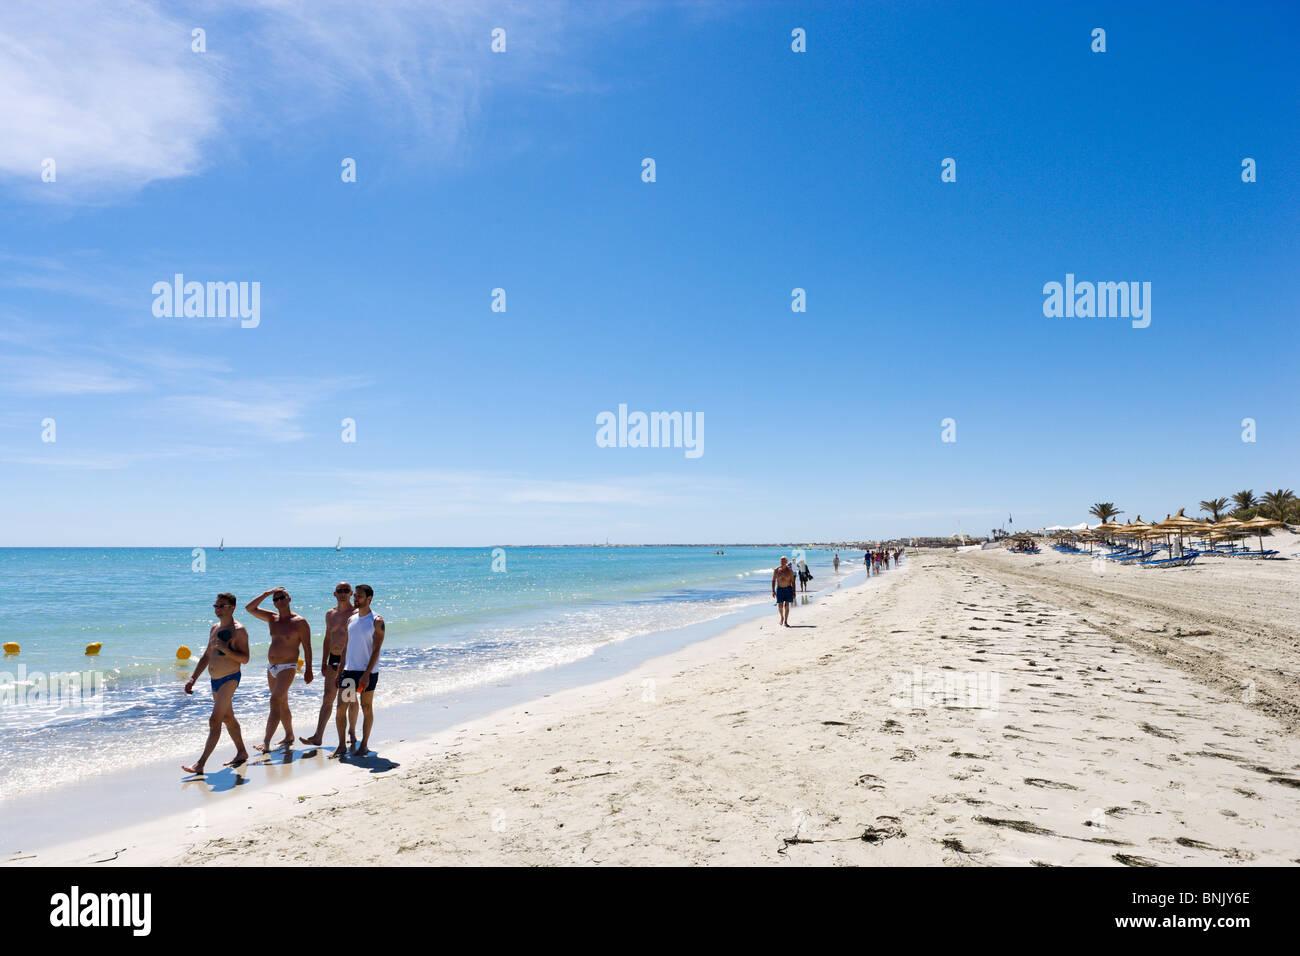 Spiaggia nella zona degli hotel vicino al Hotel Club Caribbean World, Aghir Djerba, Tunisia Immagini Stock